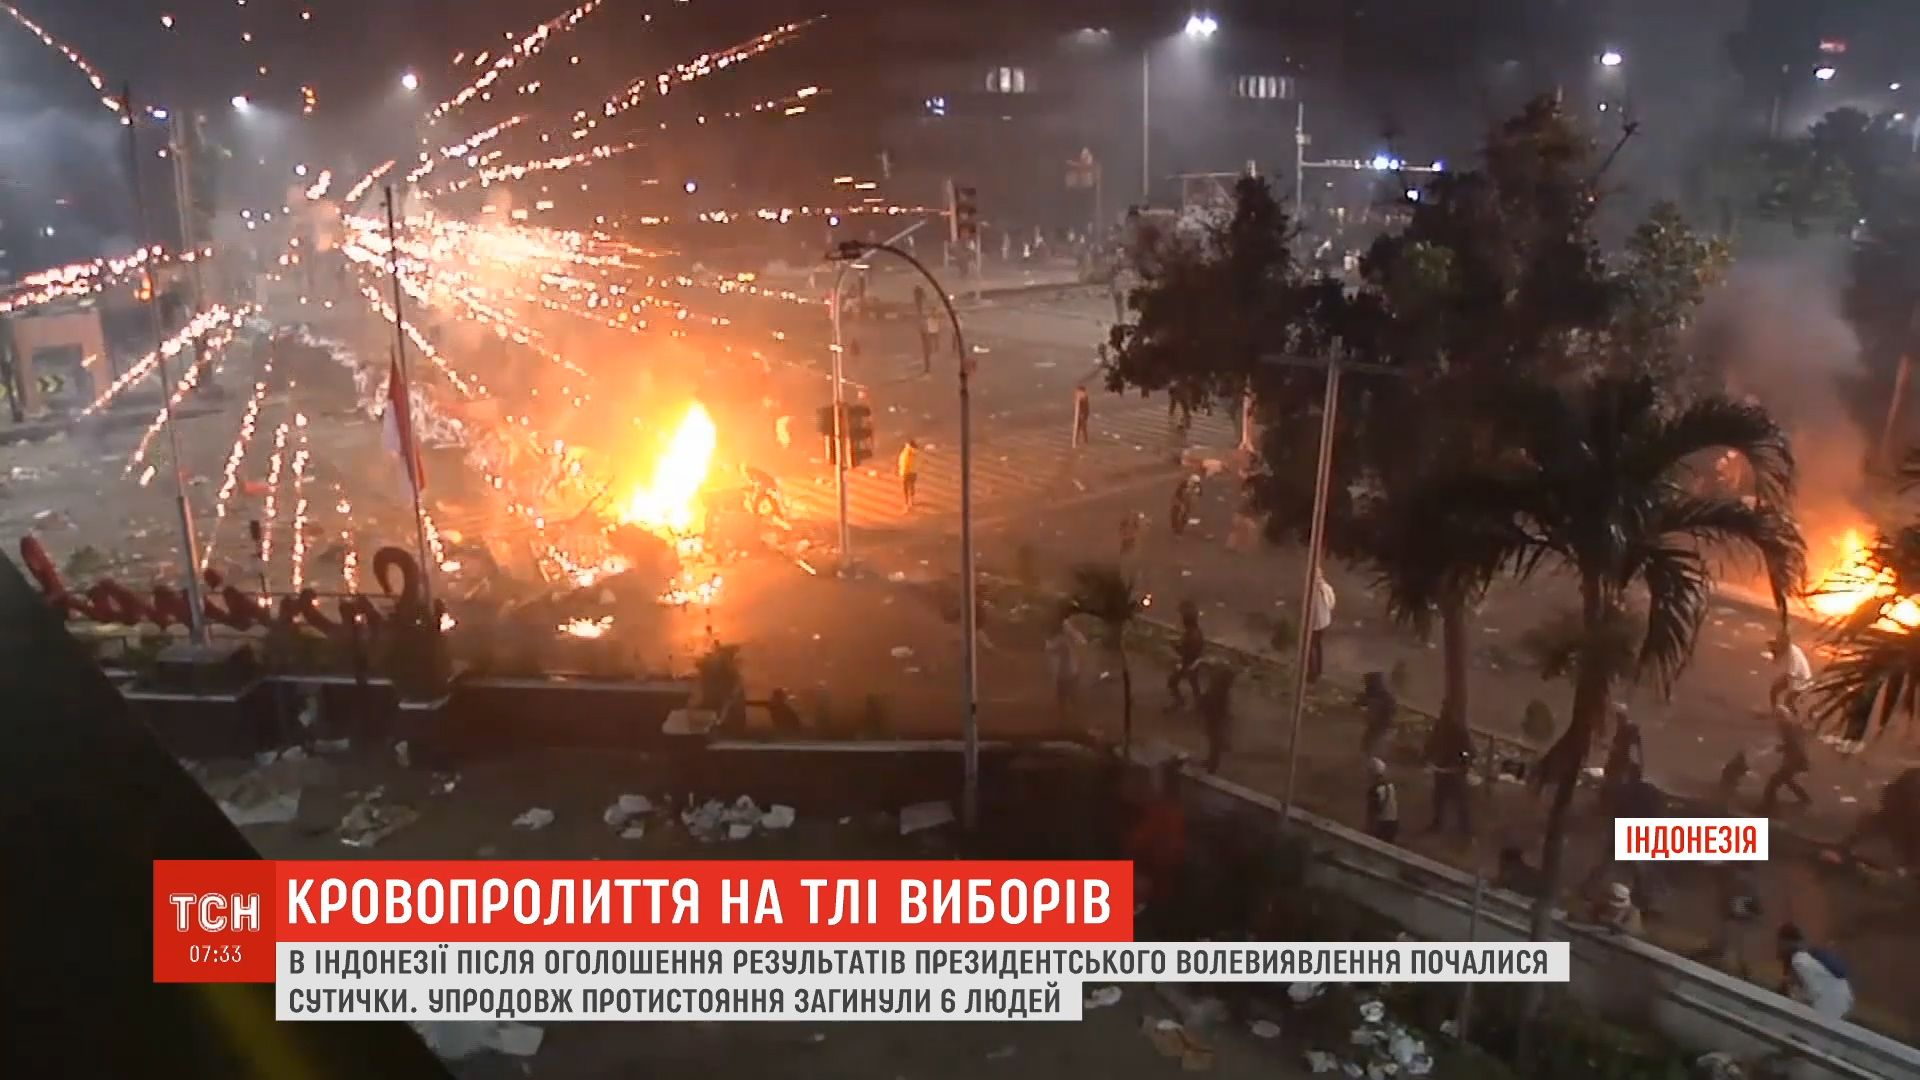 Активисты убеждают, что по ним стреляли из огнестрельного оружия / скриншот